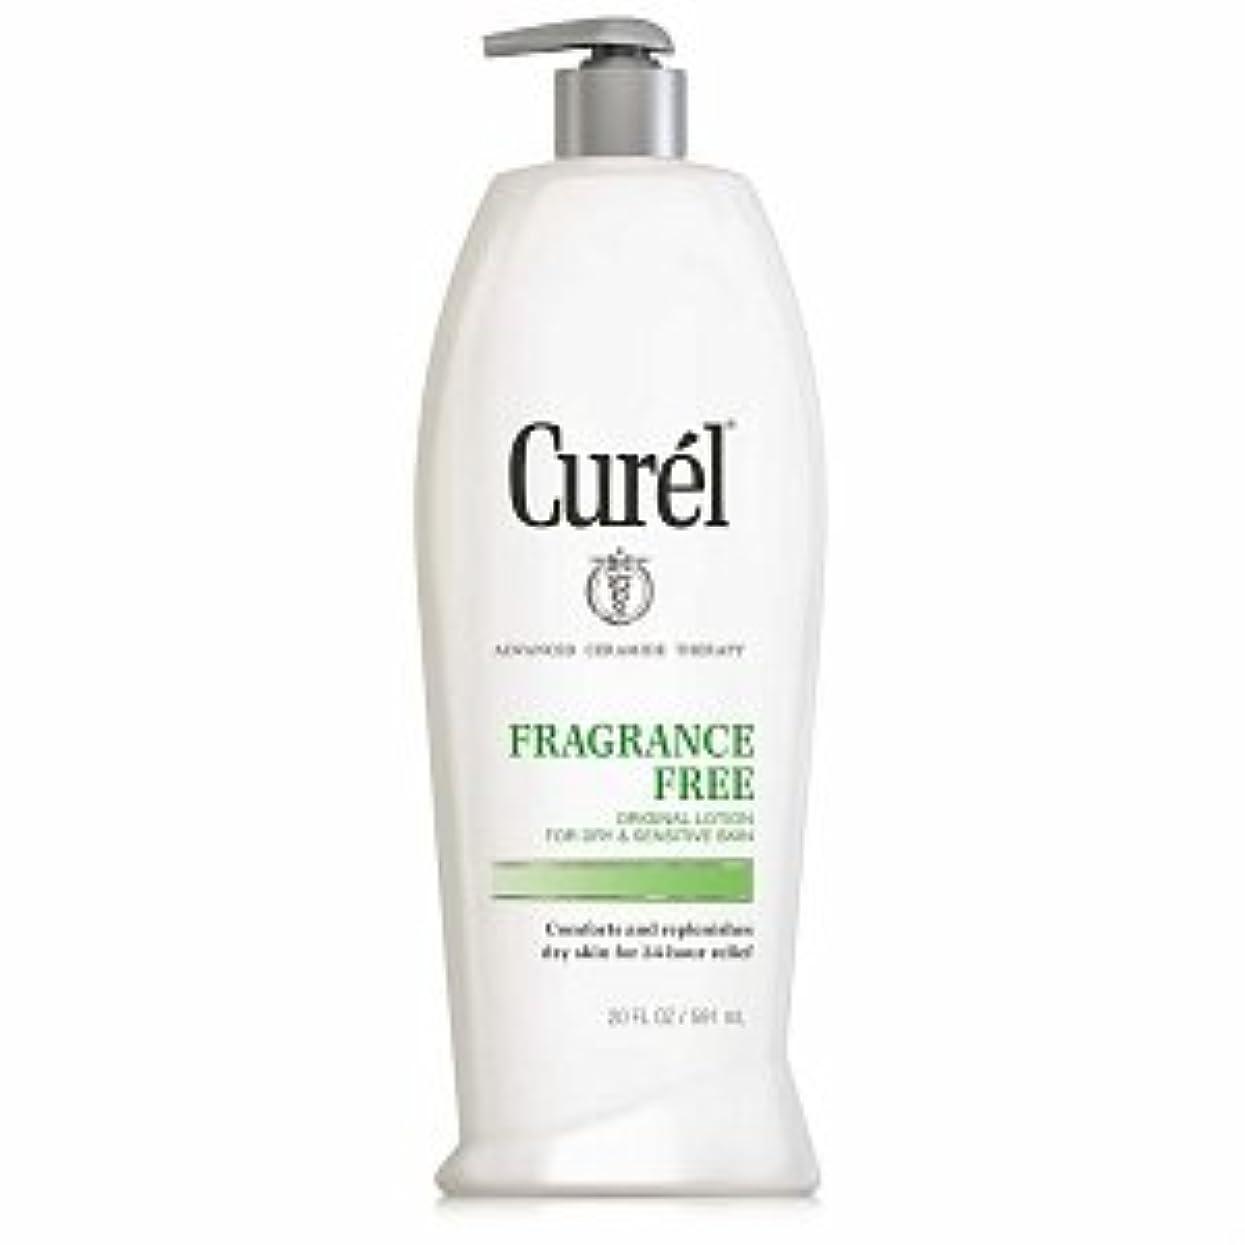 入り口修道院虐殺Curel Fragrance Free Original Lotion For Dry&Sensitive Skin - 13 fl oz ポンプ式